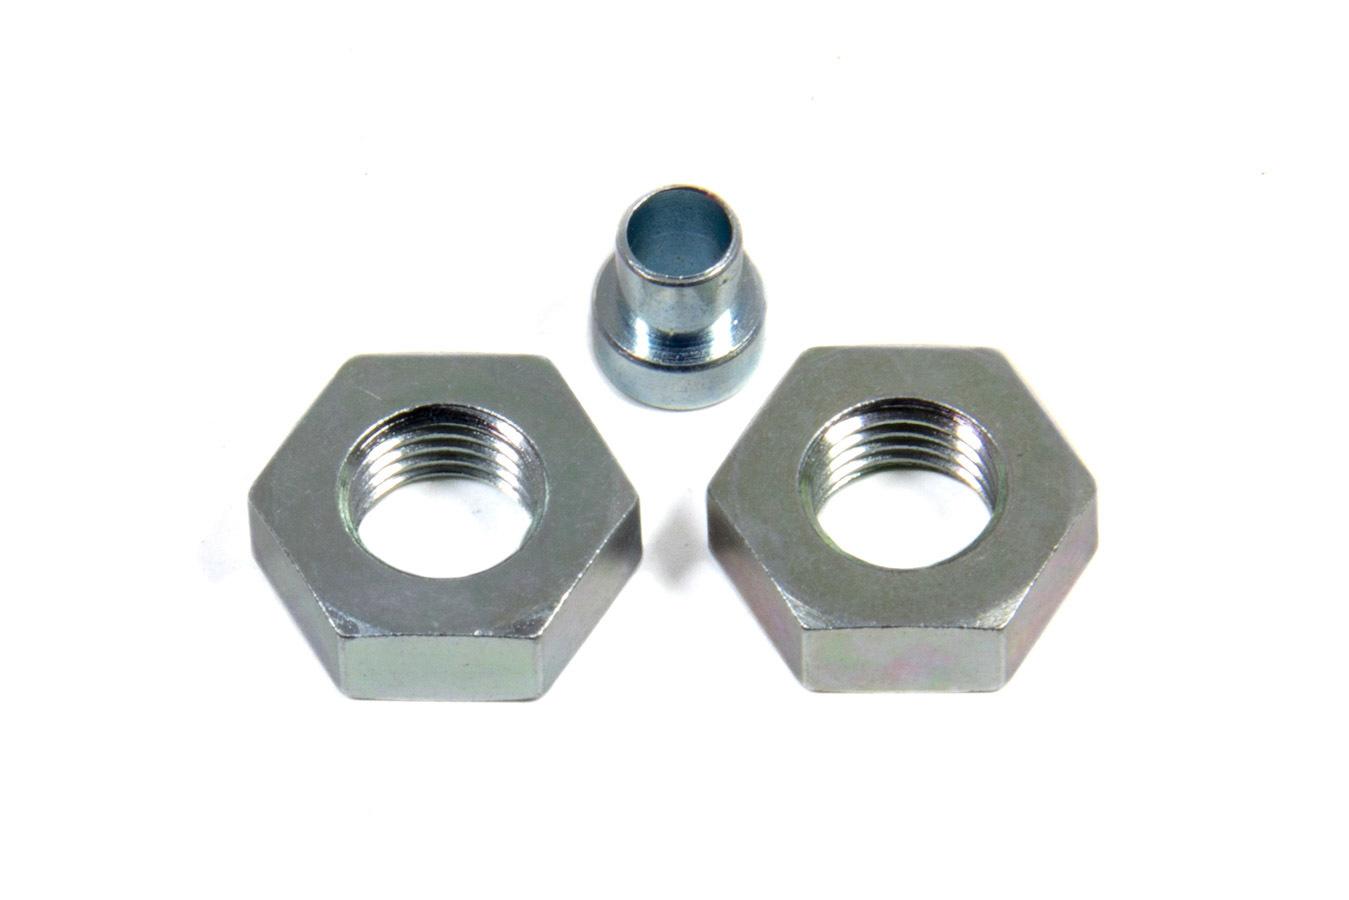 Aeroquip FCM2095 Bulkhead Fitting Nut, 3 AN, Steel, Natural, Pair